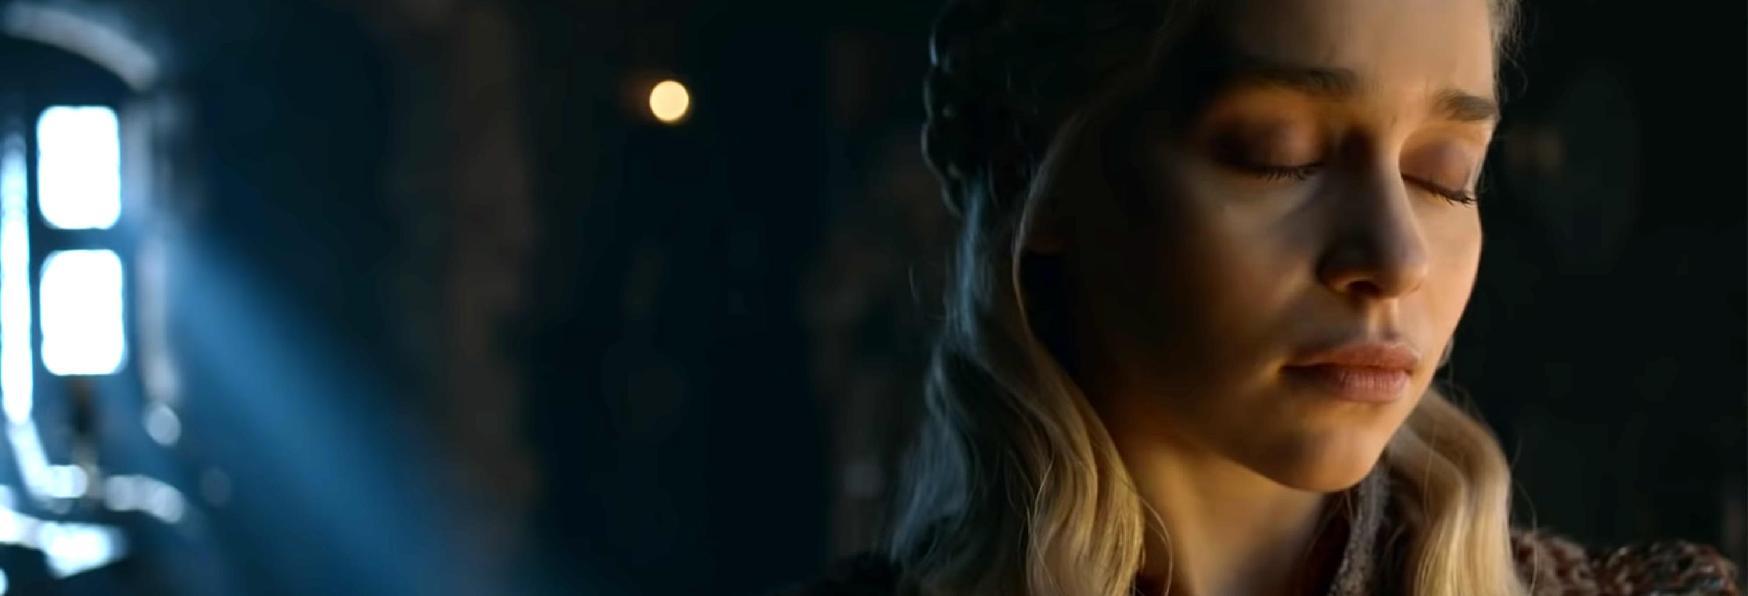 """Game of Thrones: la Recensione del Primo Episodio dell'Ottava Stagione, """"Winterfell"""""""